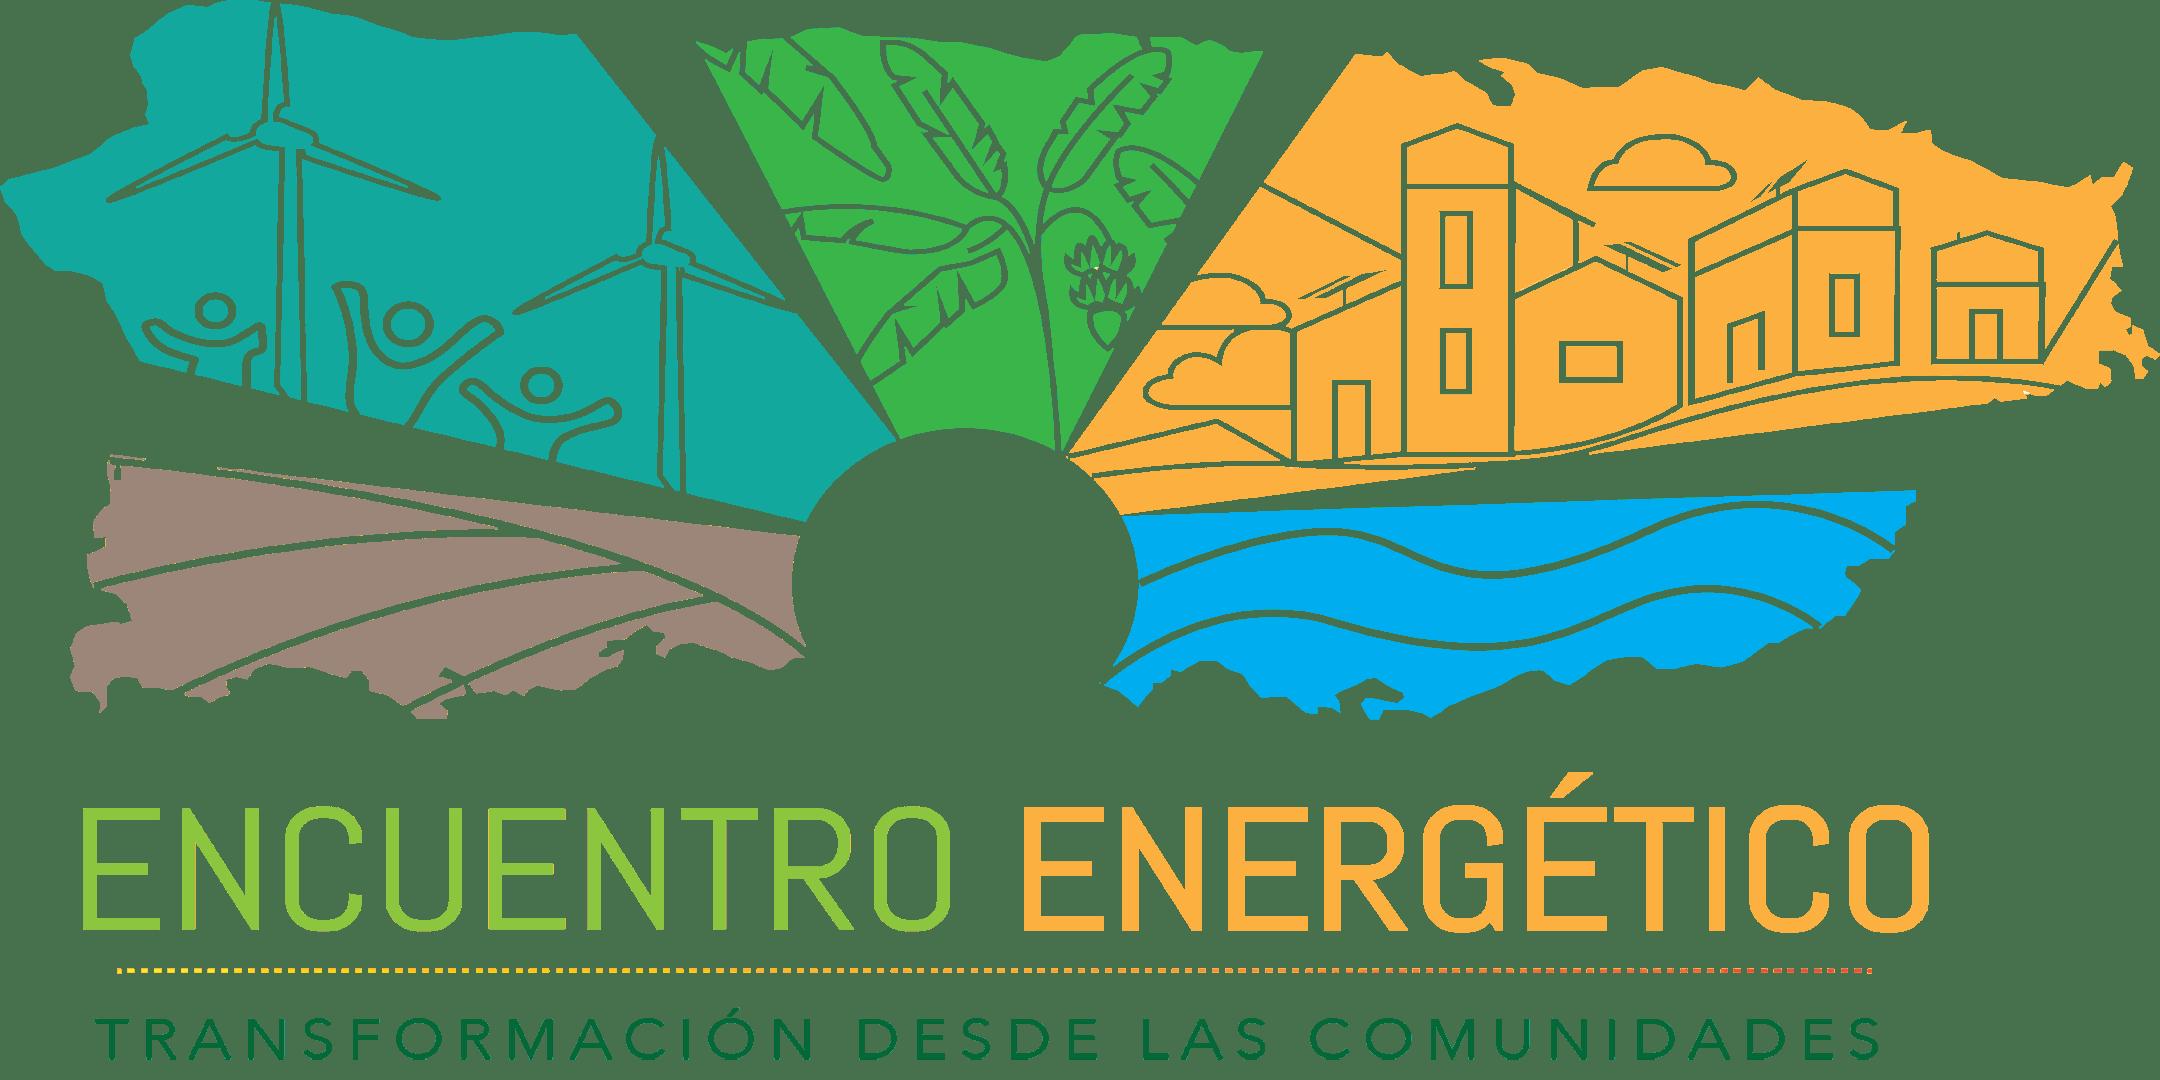 Transformación Energética Desde Las Comunidad